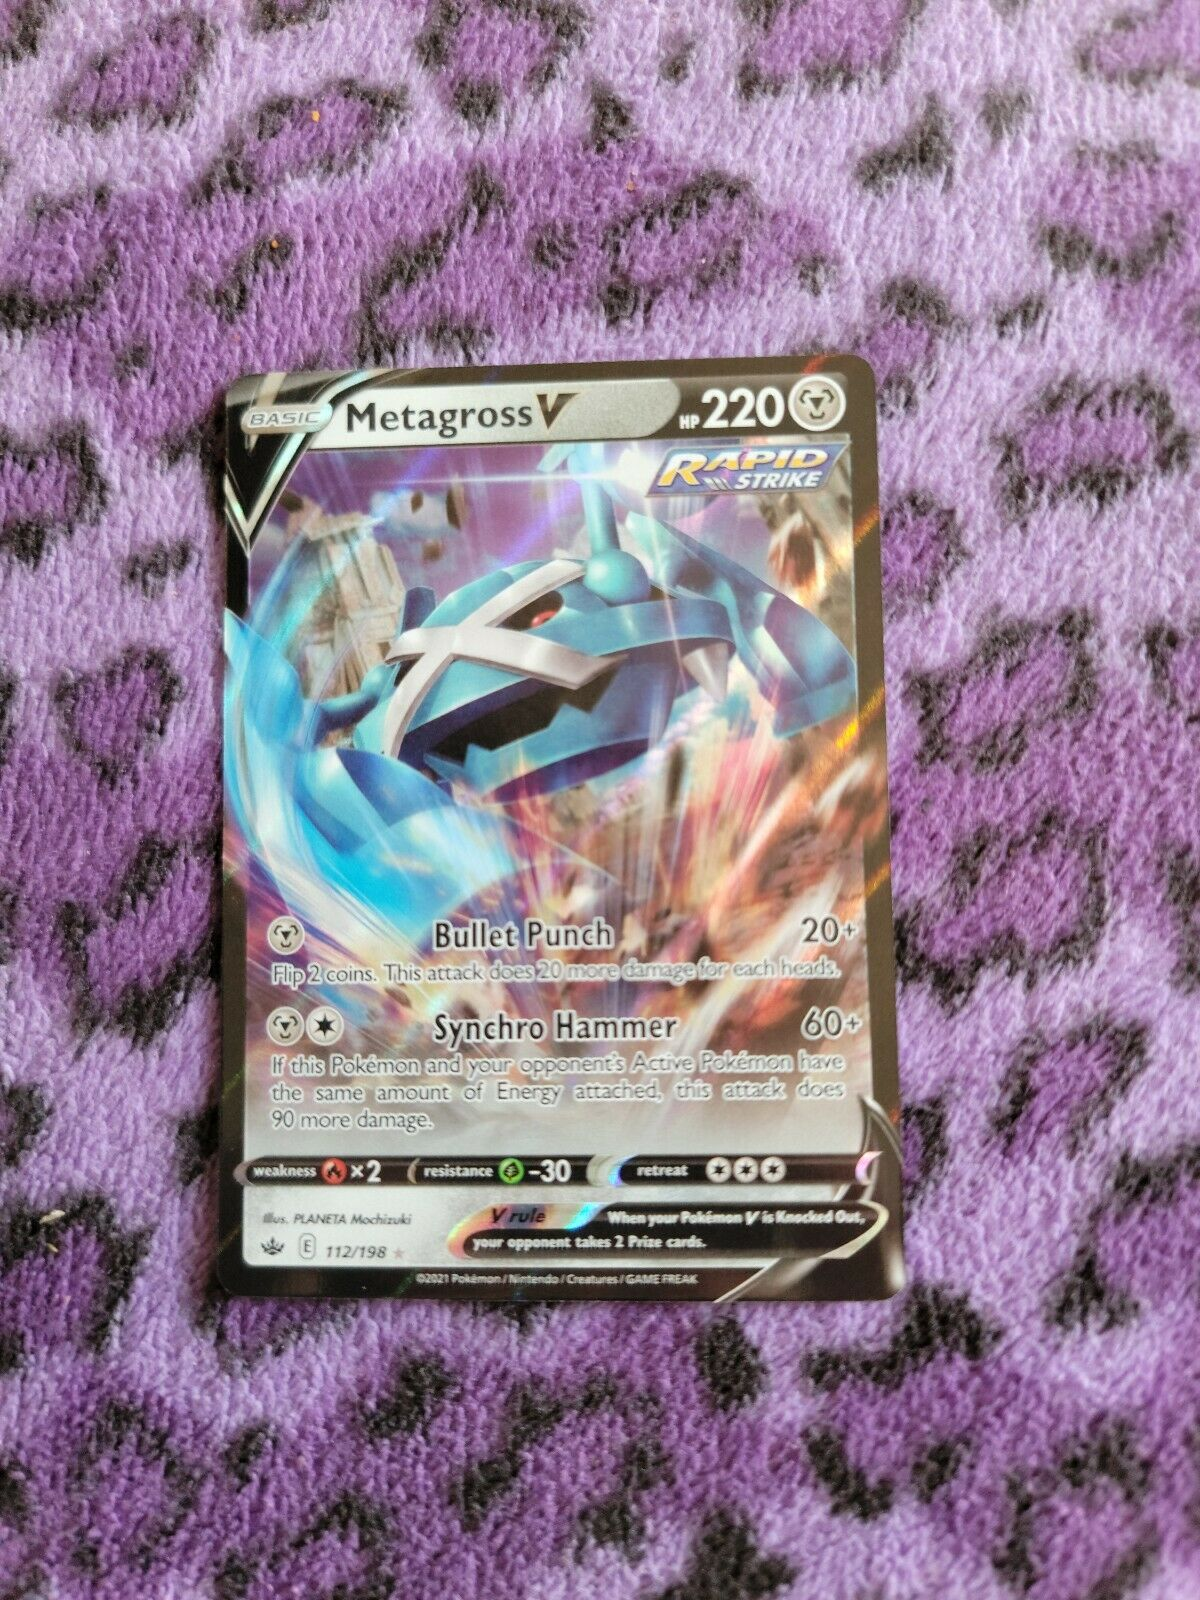 Metagross V 112/198 Chilling Reign NM Full Art Ultra Rare Pokemon Card